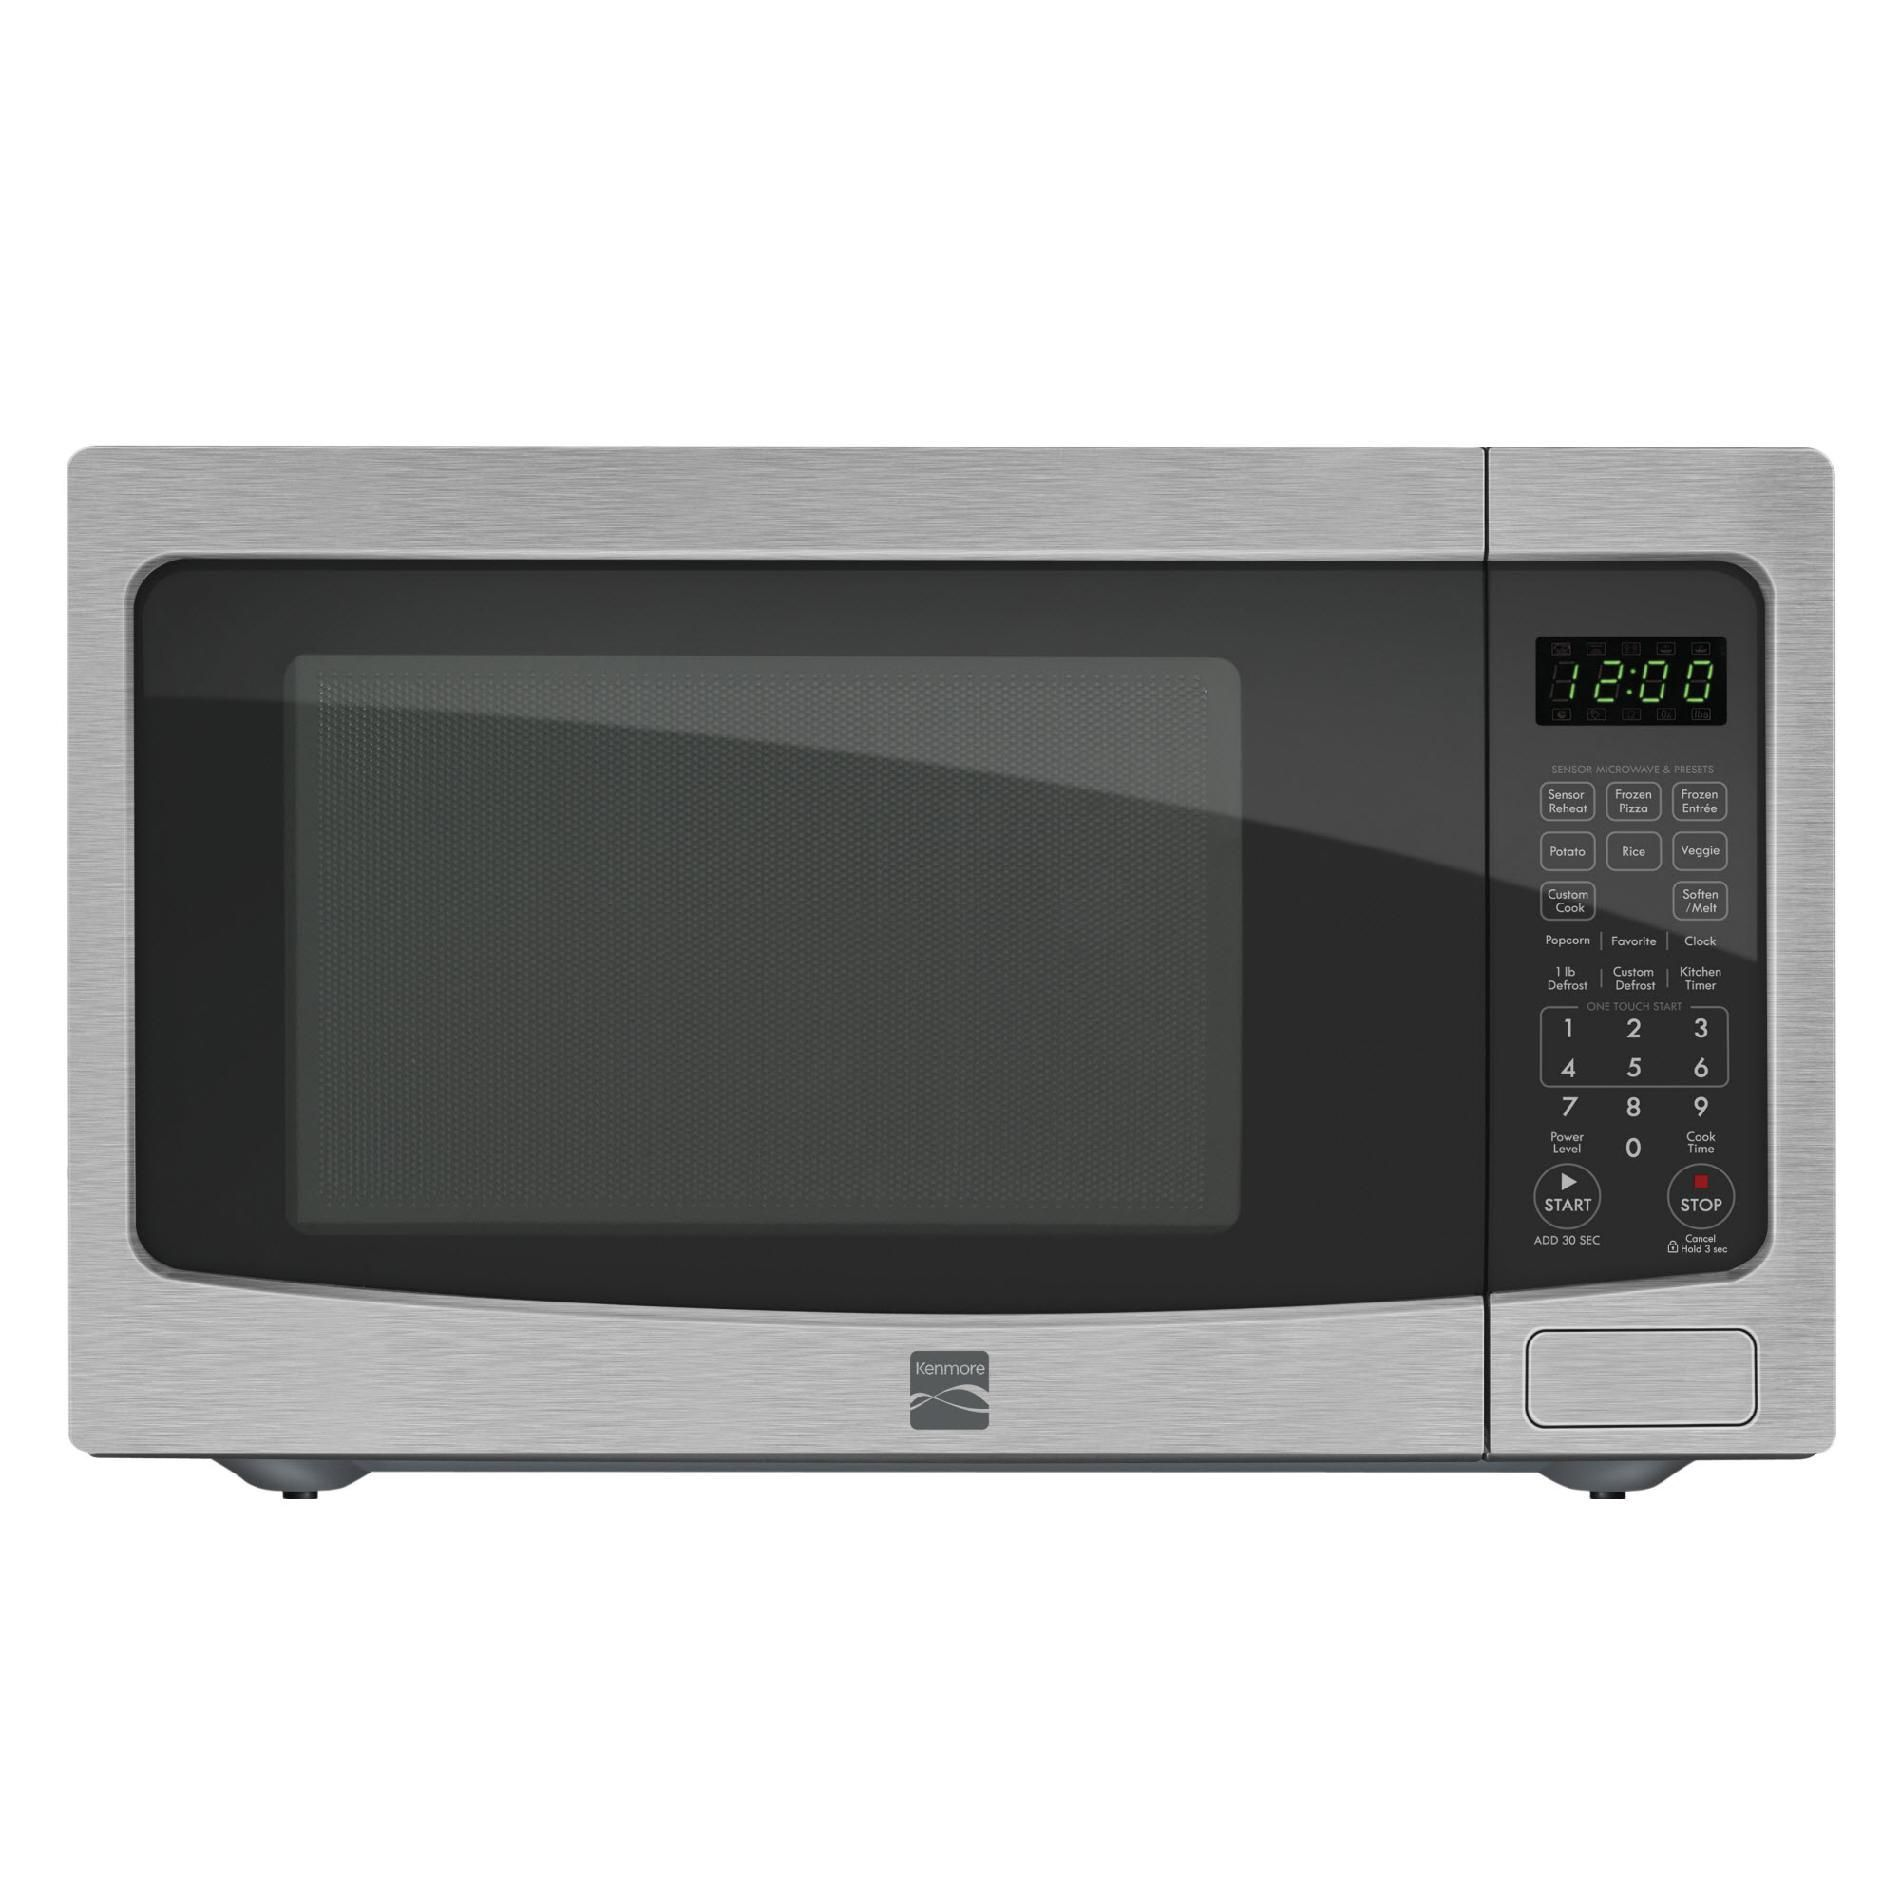 Kenmore Countertop Microwave 1 2 Cu Ft 72123 Sears